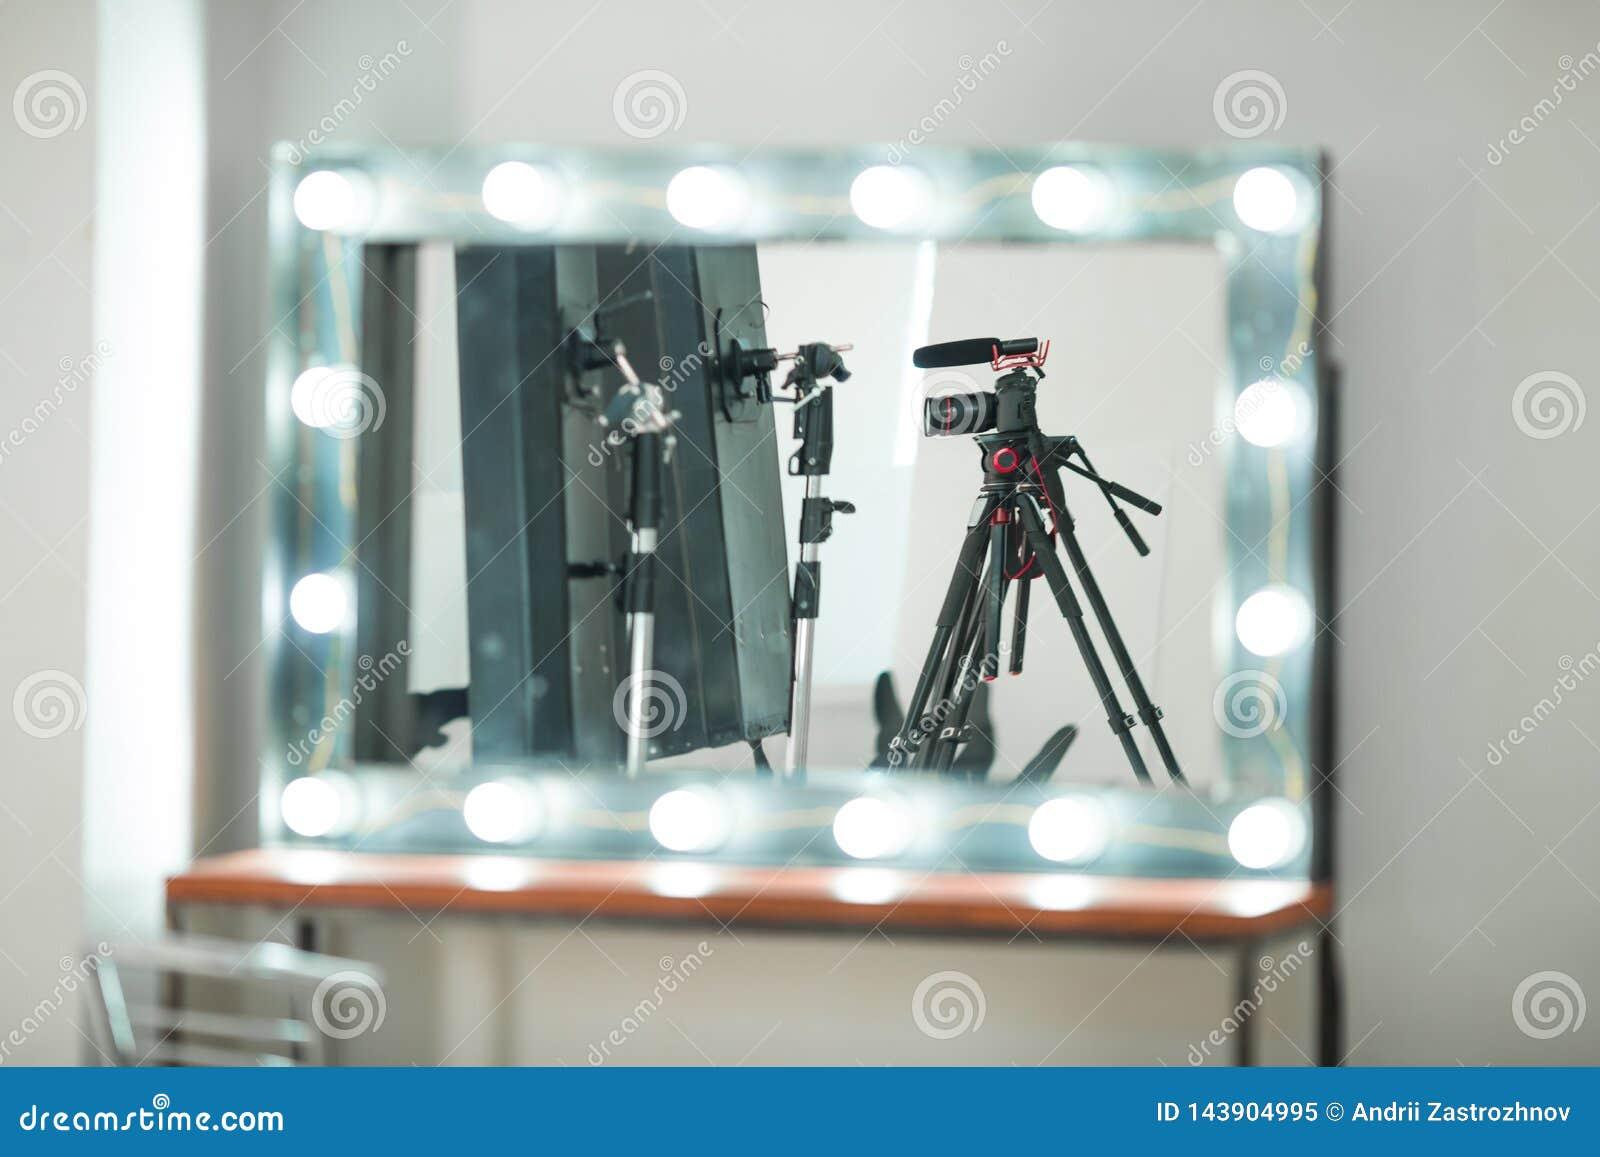 Conceptengesprek, digitale camera op een driepoot met een binnen microfoon in de studio op een witte achtergrond in de spiegelbez